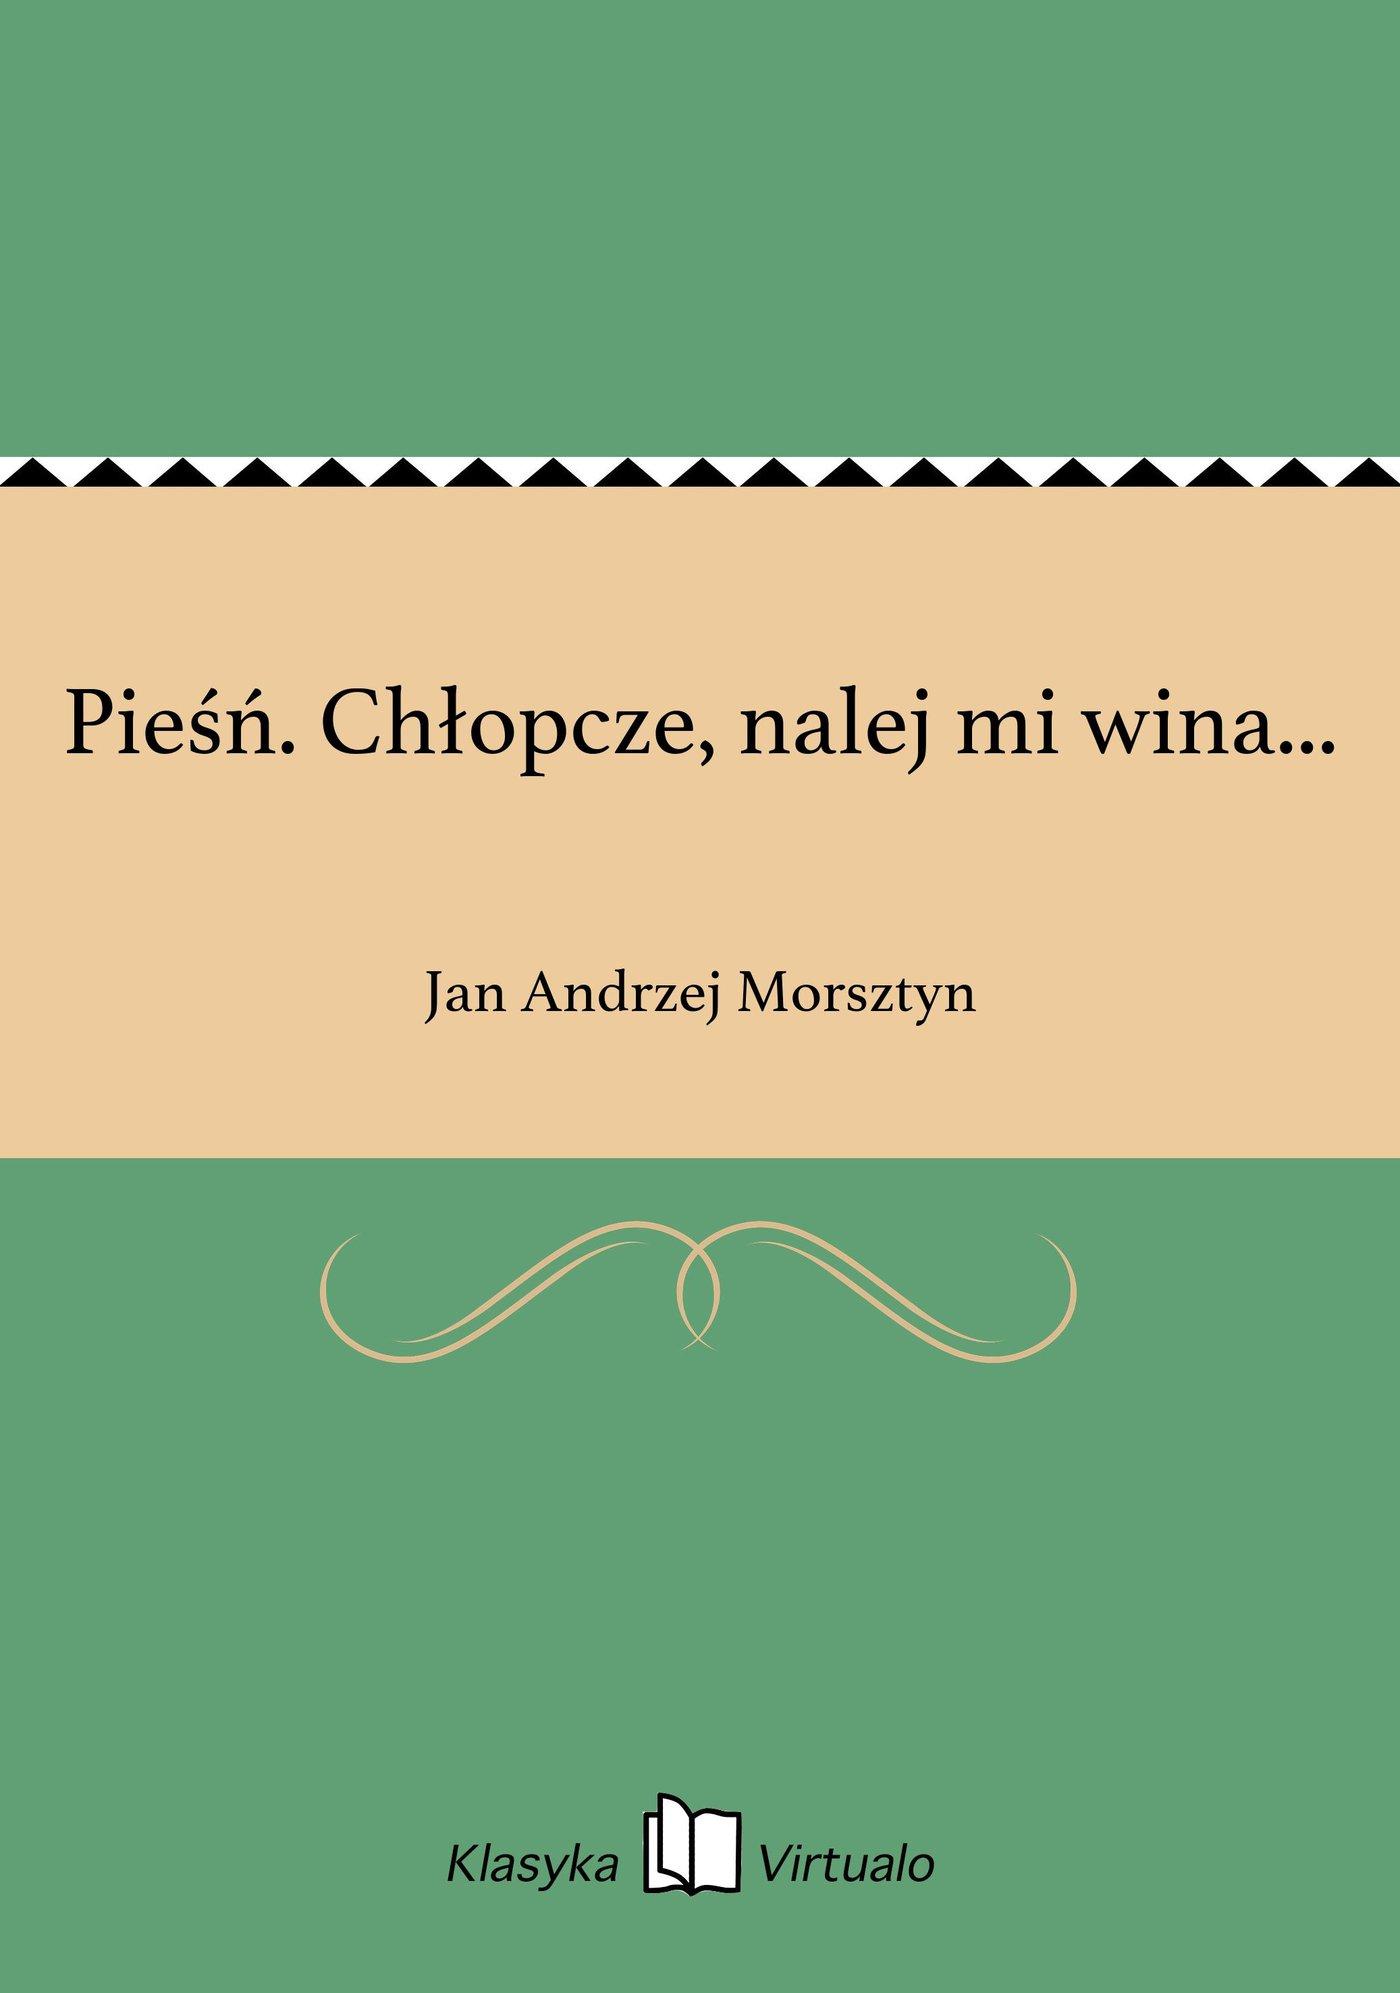 Pieśń. Chłopcze, nalej mi wina... - Ebook (Książka na Kindle) do pobrania w formacie MOBI